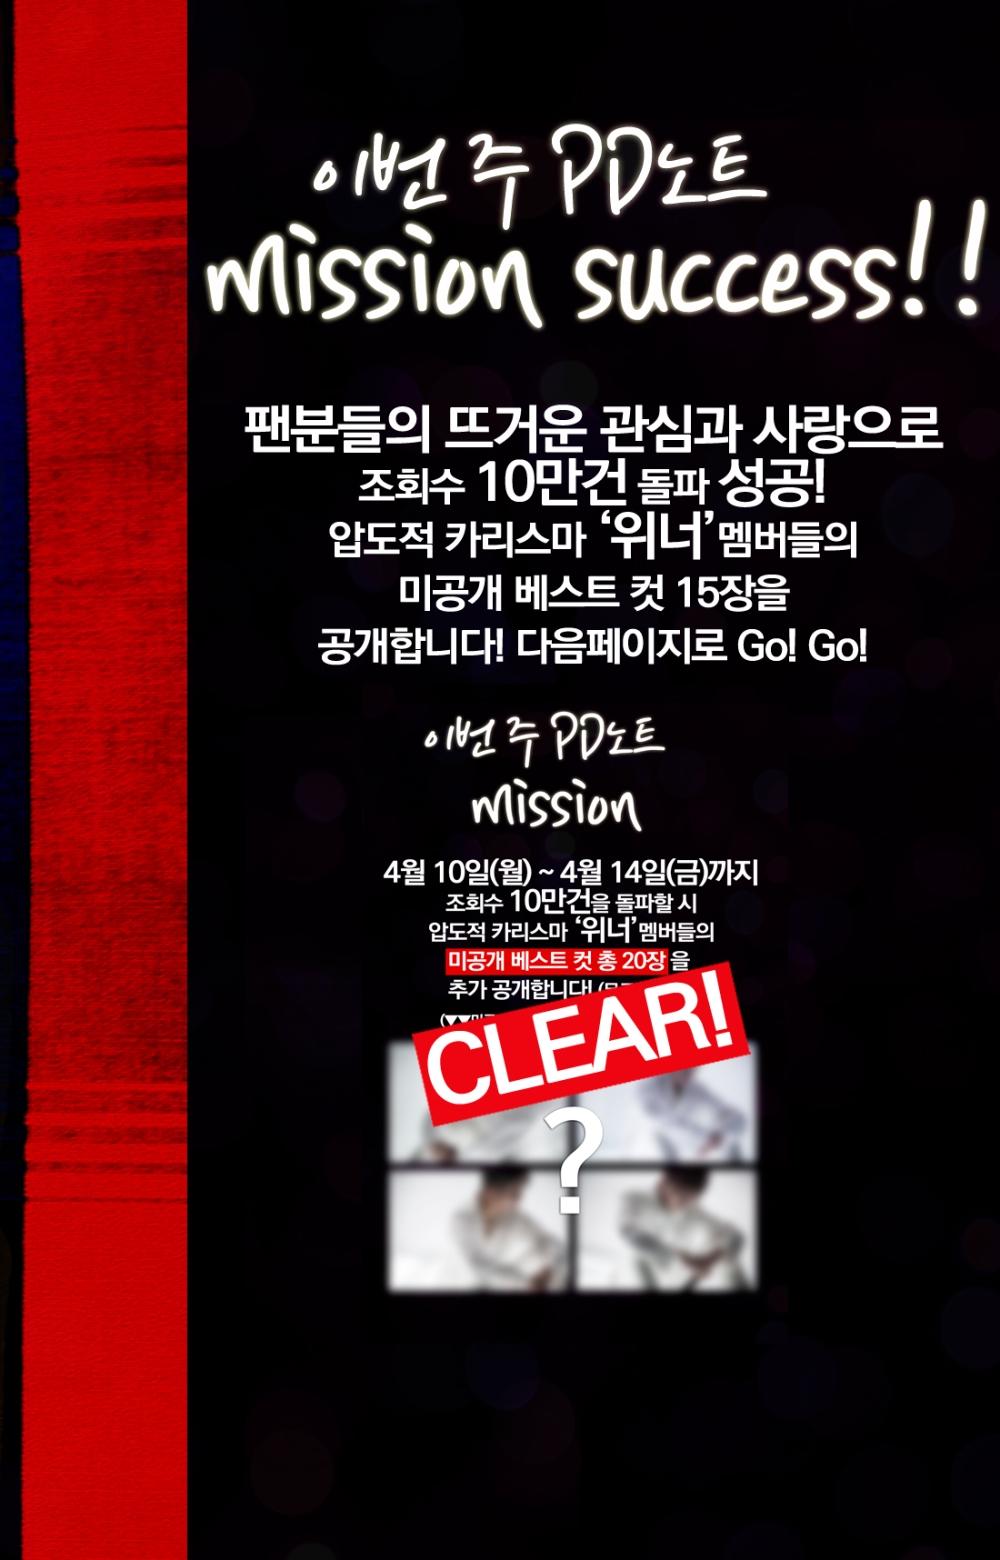 팬분들의 사랑으로 조회수 10만돌파 성공 위너의 미공개포토를 공개합니다.